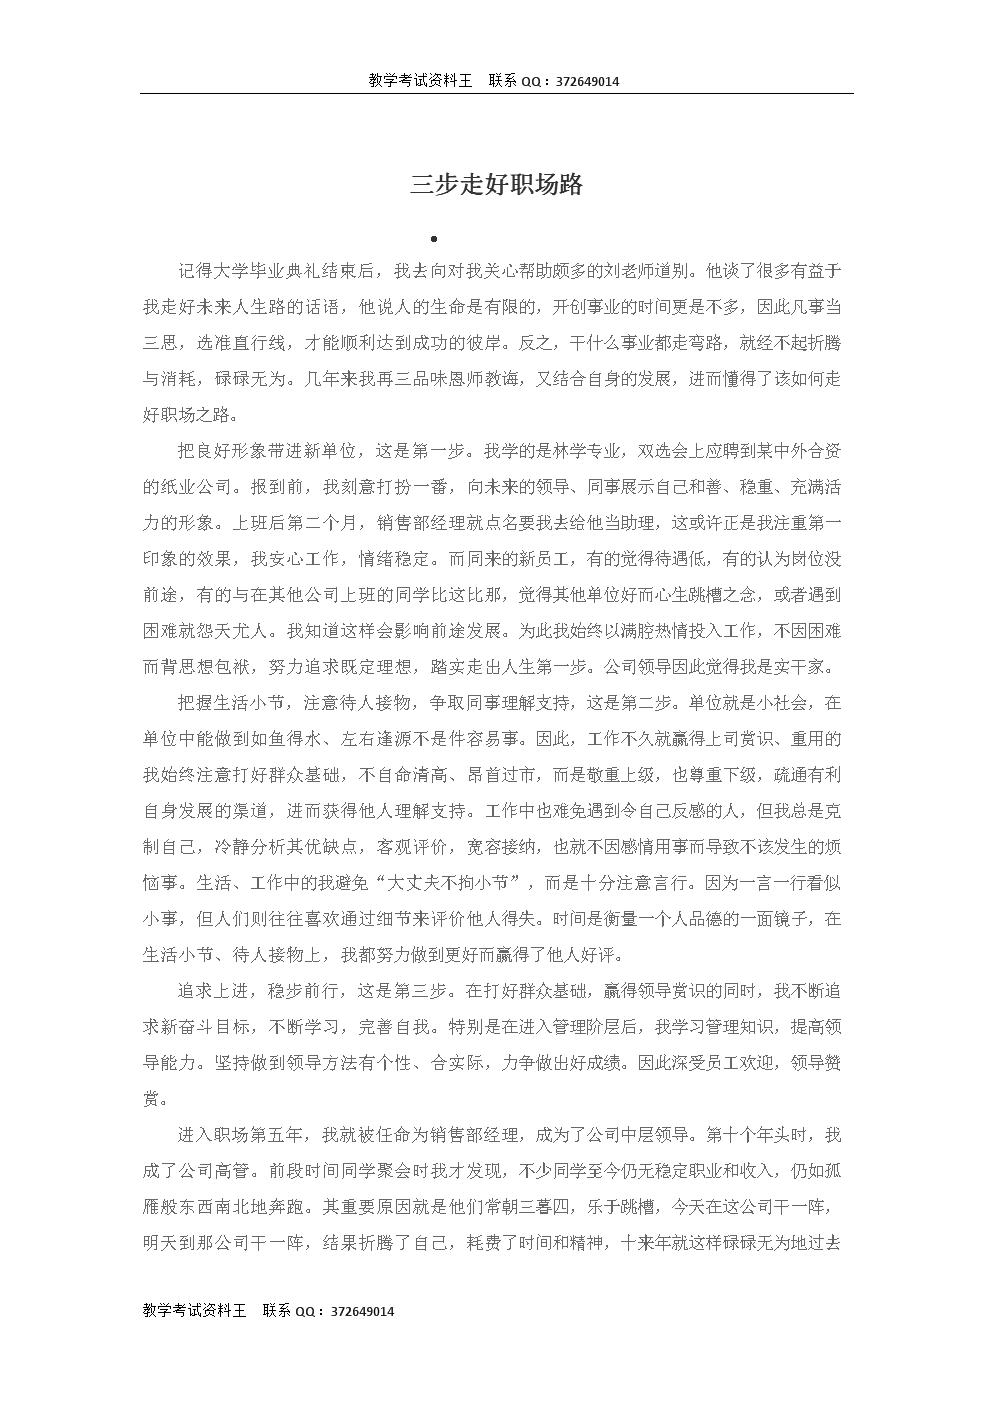 013高考语文作文素材 智慧阅读第二辑 三步走好职场路.doc